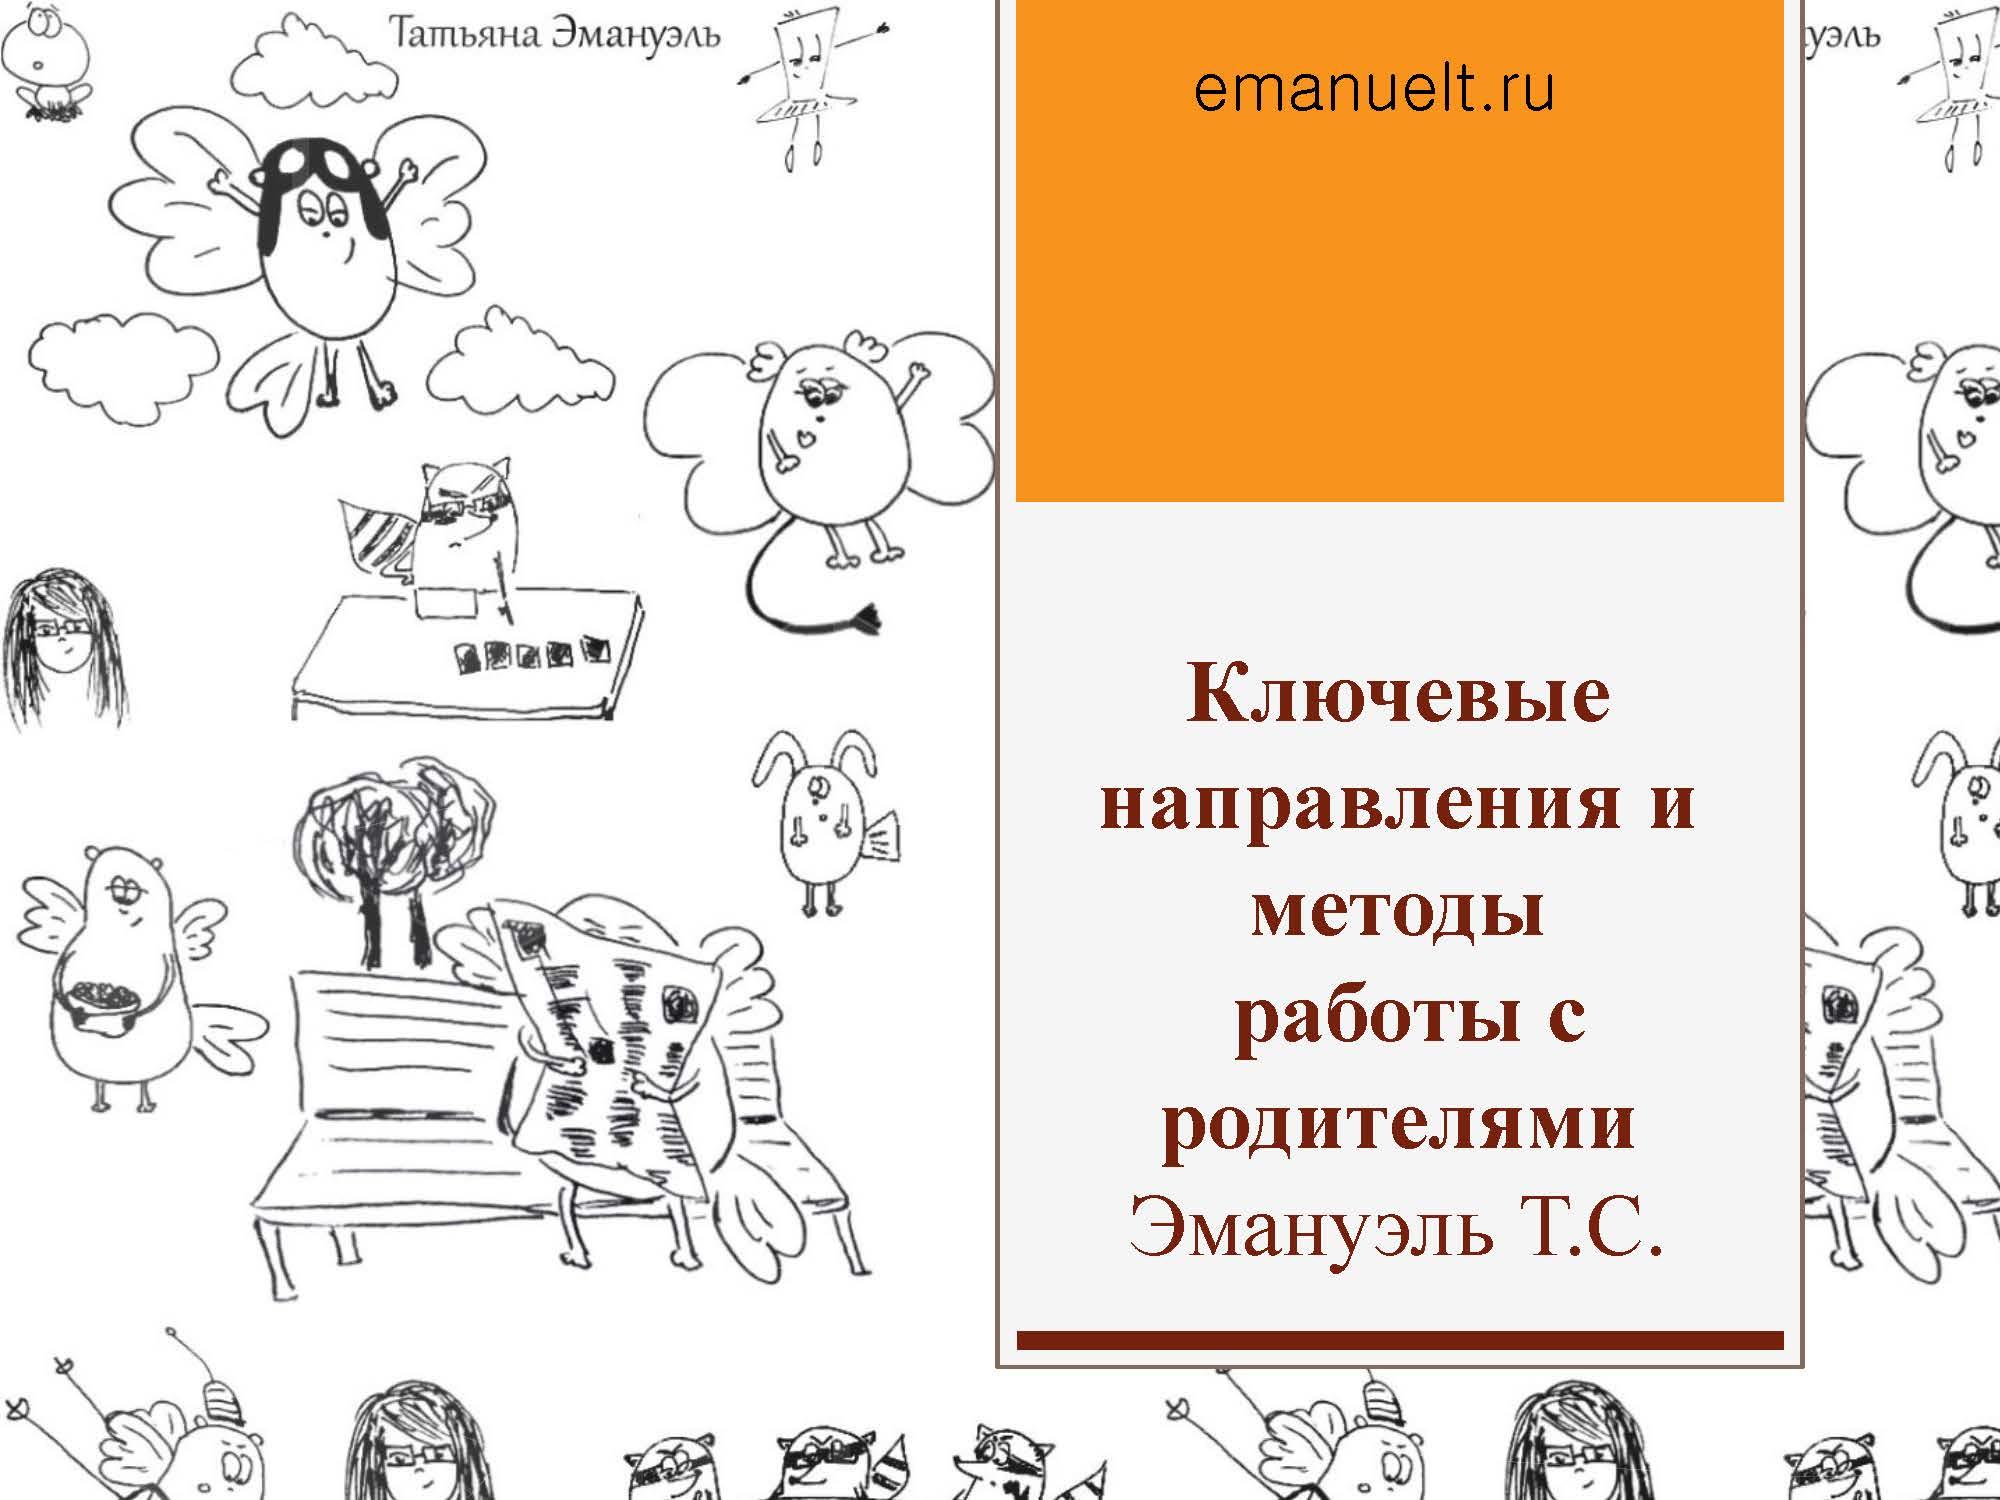 секция 8. Эмануэль Т.С., Московский район_Страница_01